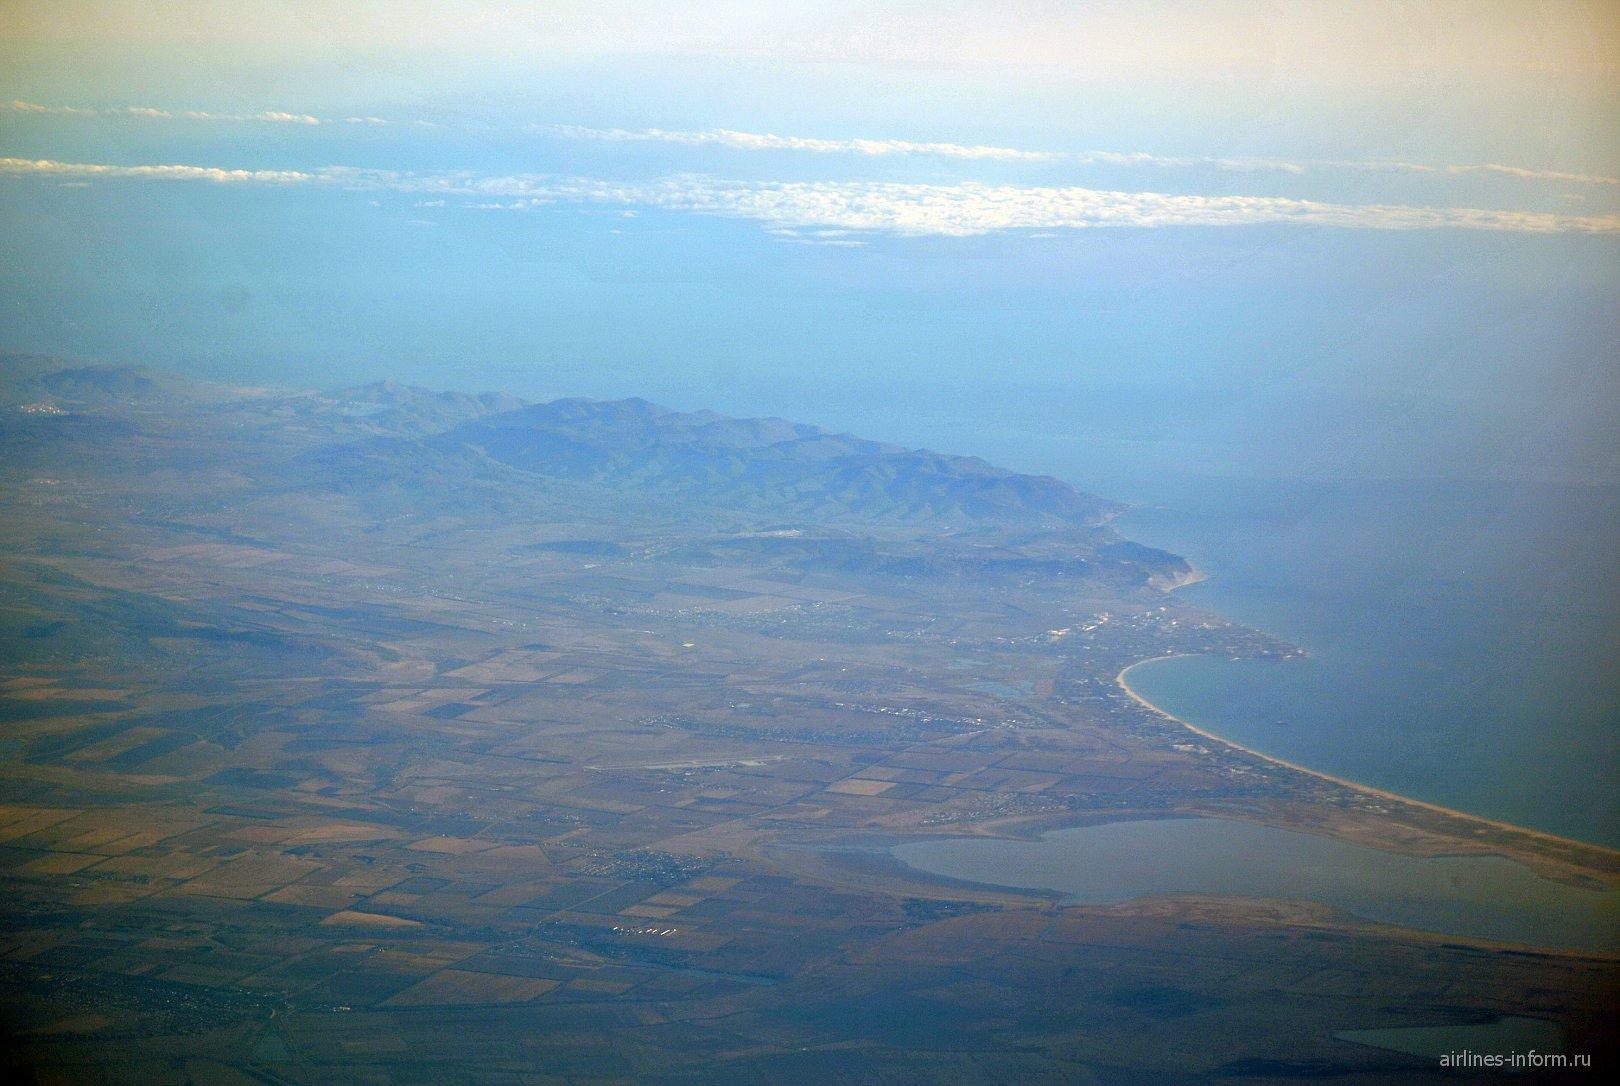 Таманский полуостров и Чёрное море